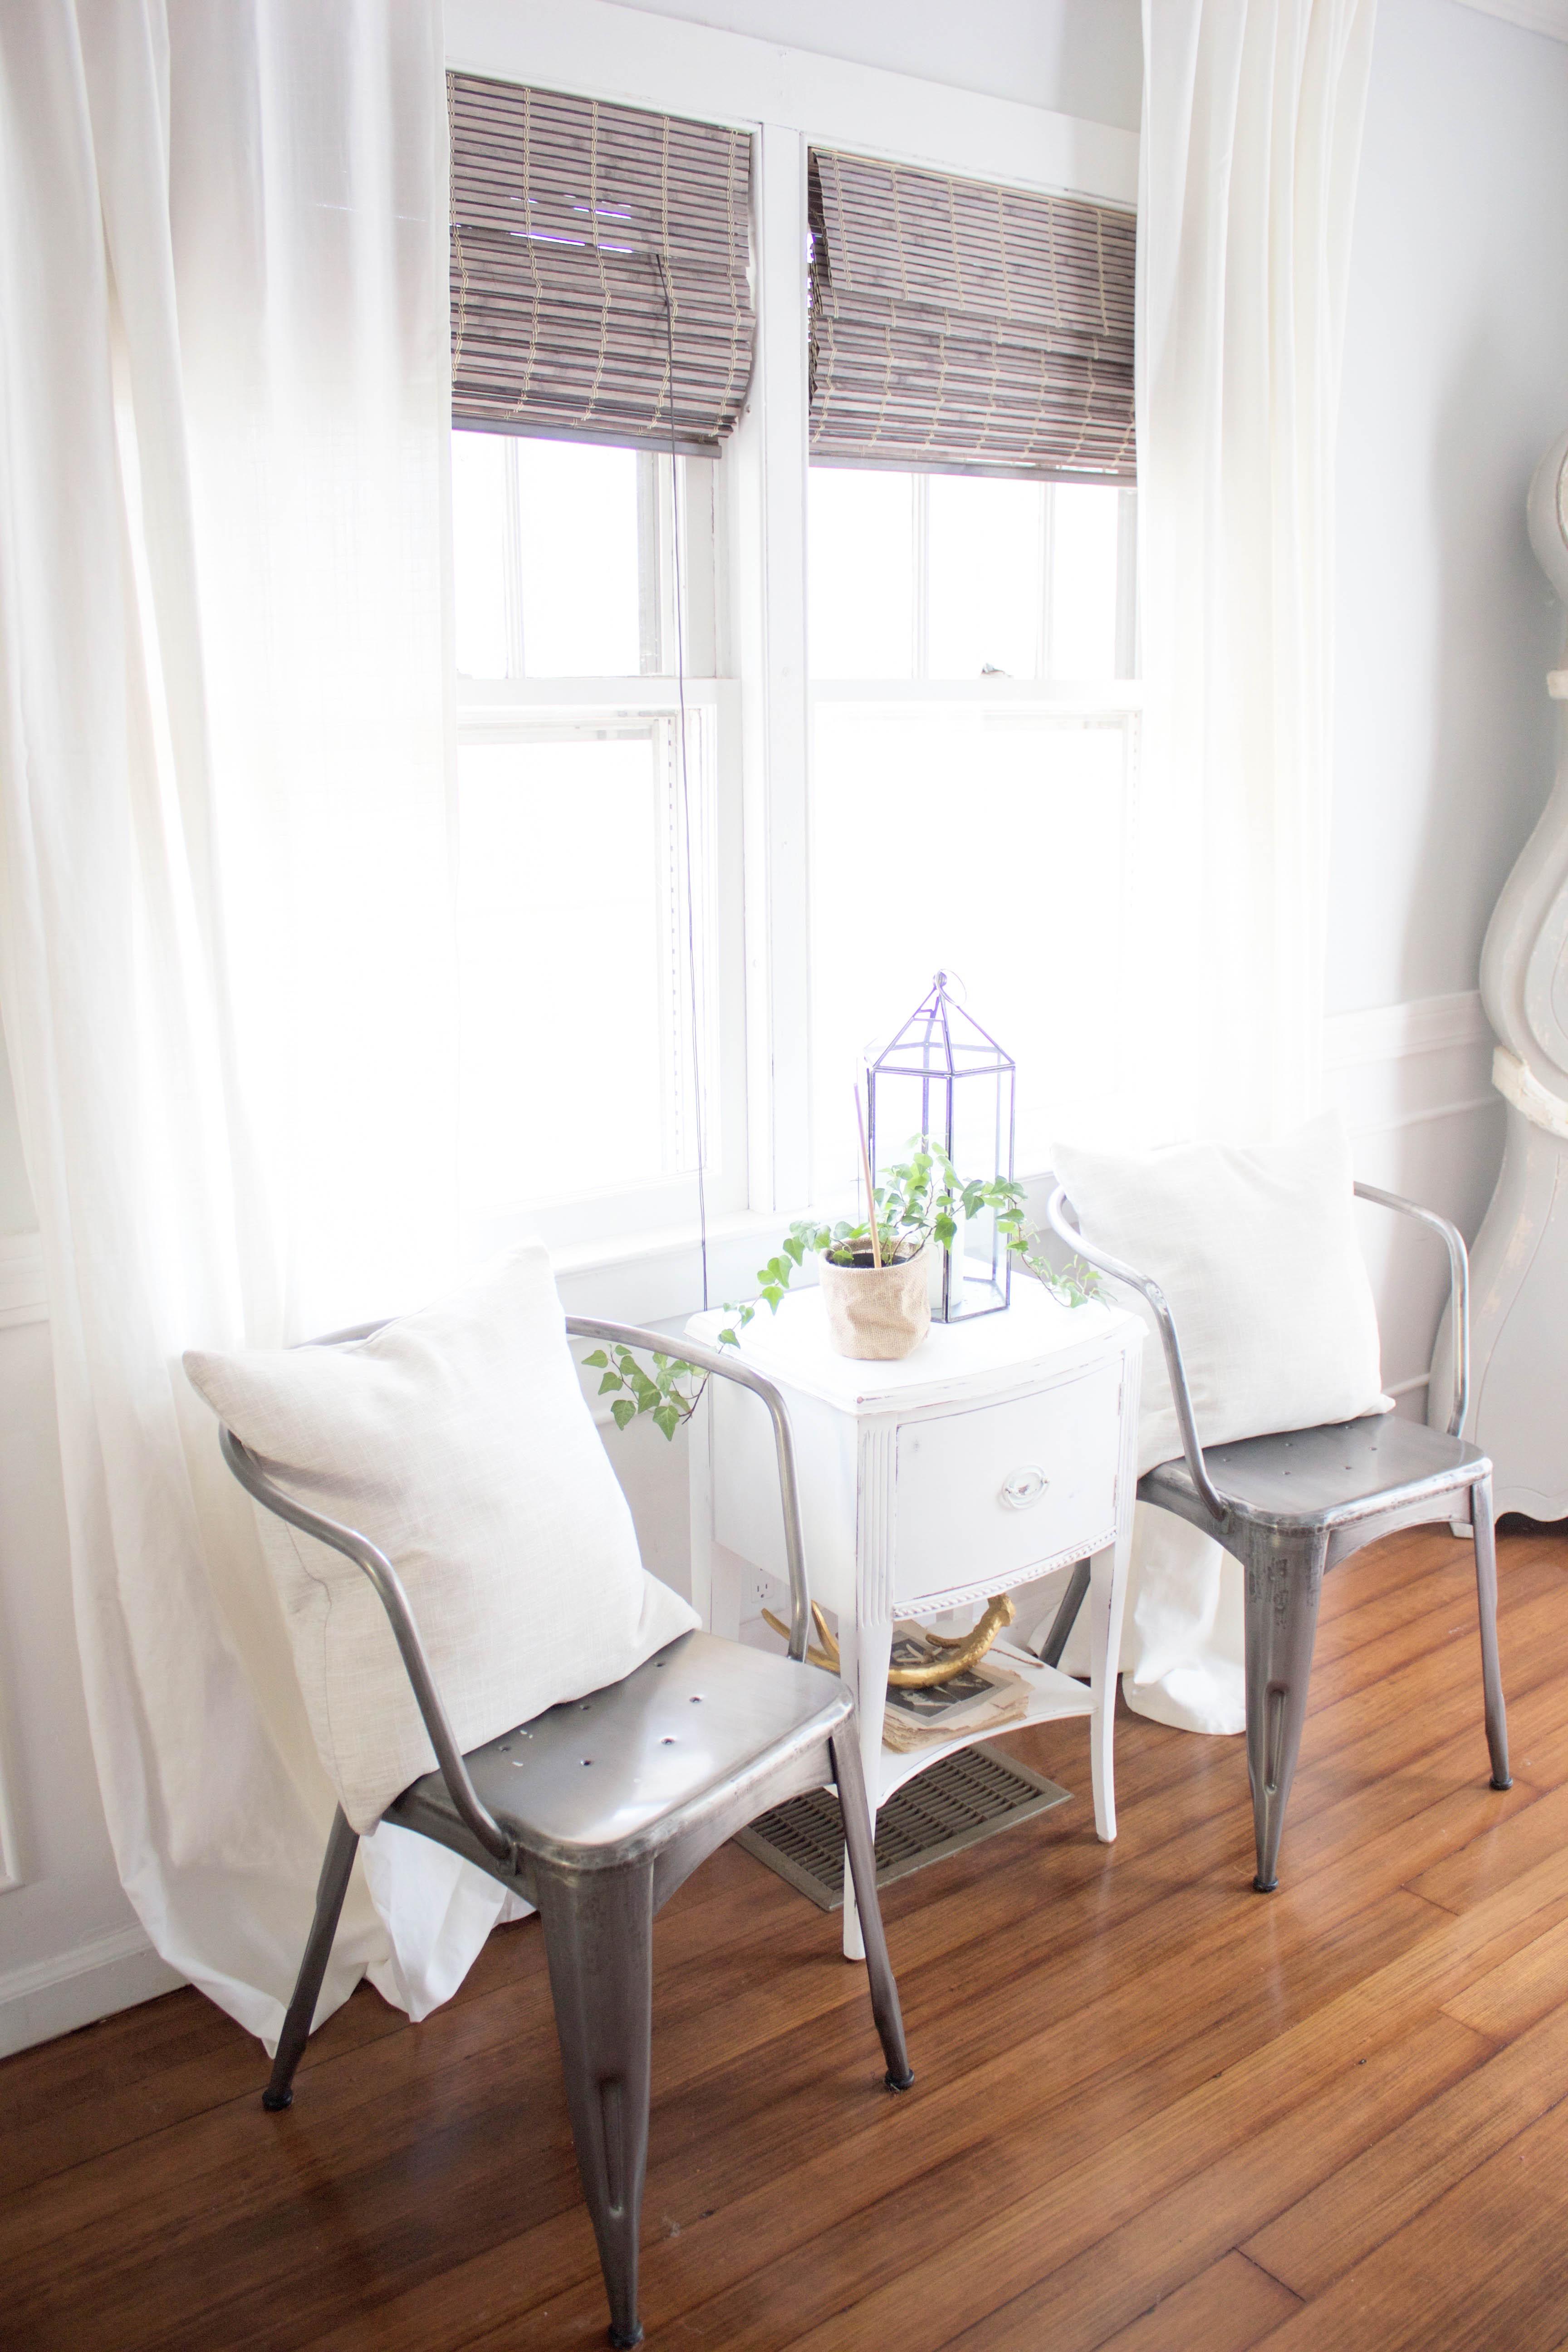 Home // Living Room - Lauren McBride